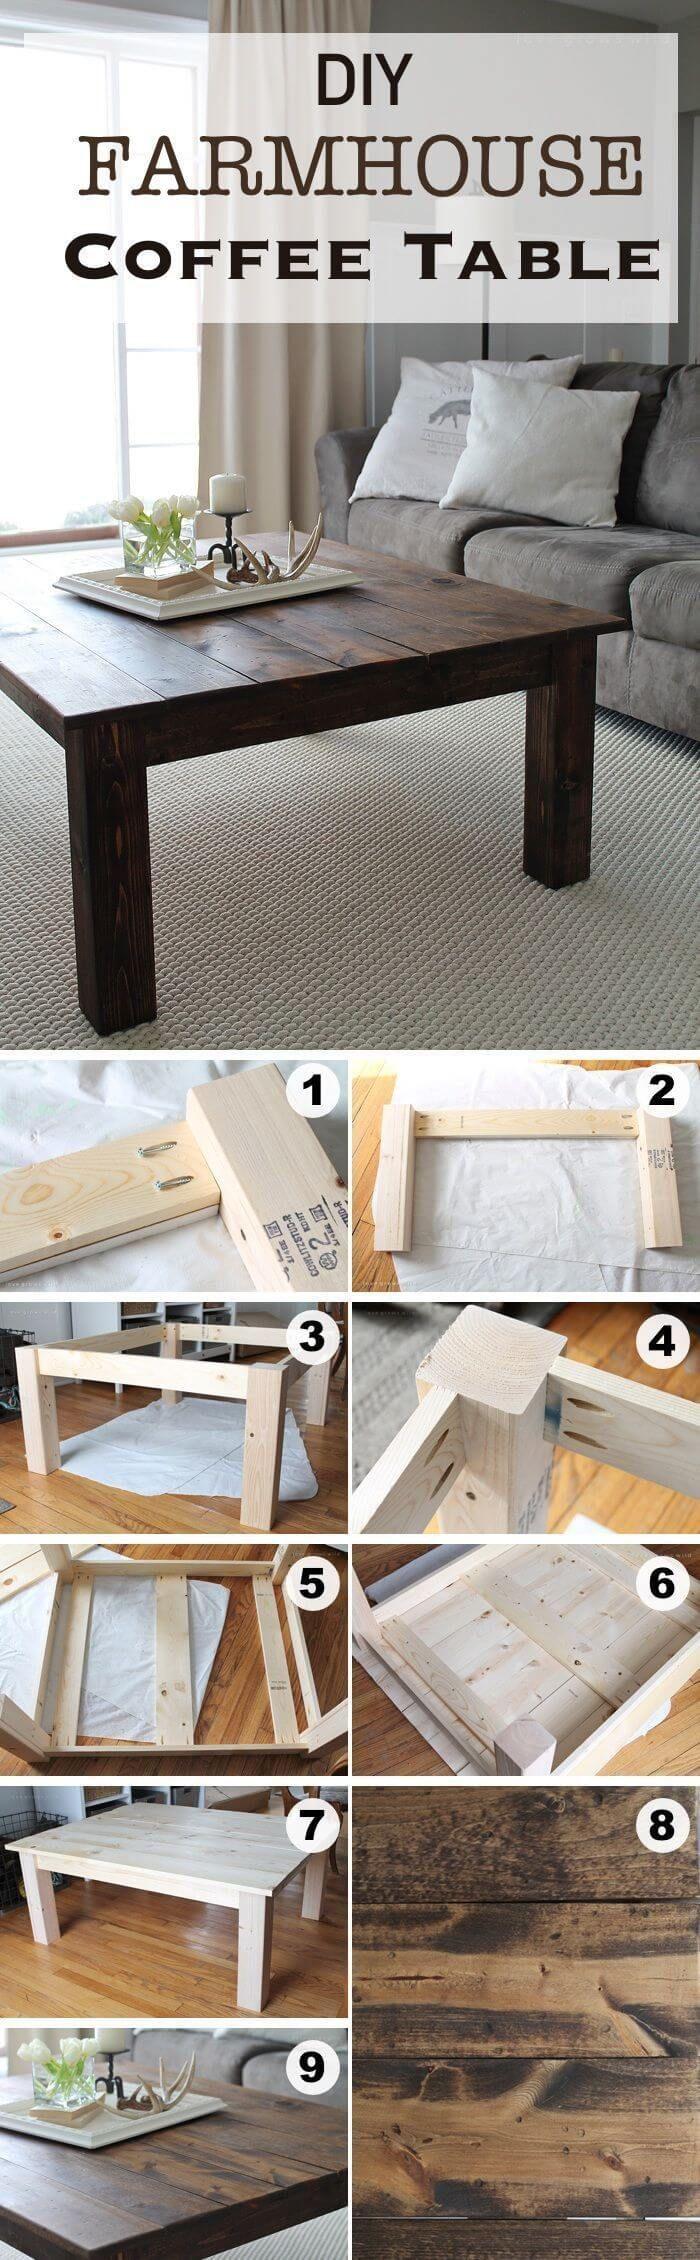 Basic Blocky Diy Farmhousee Coffe Table Ideas Diy Coffee Table